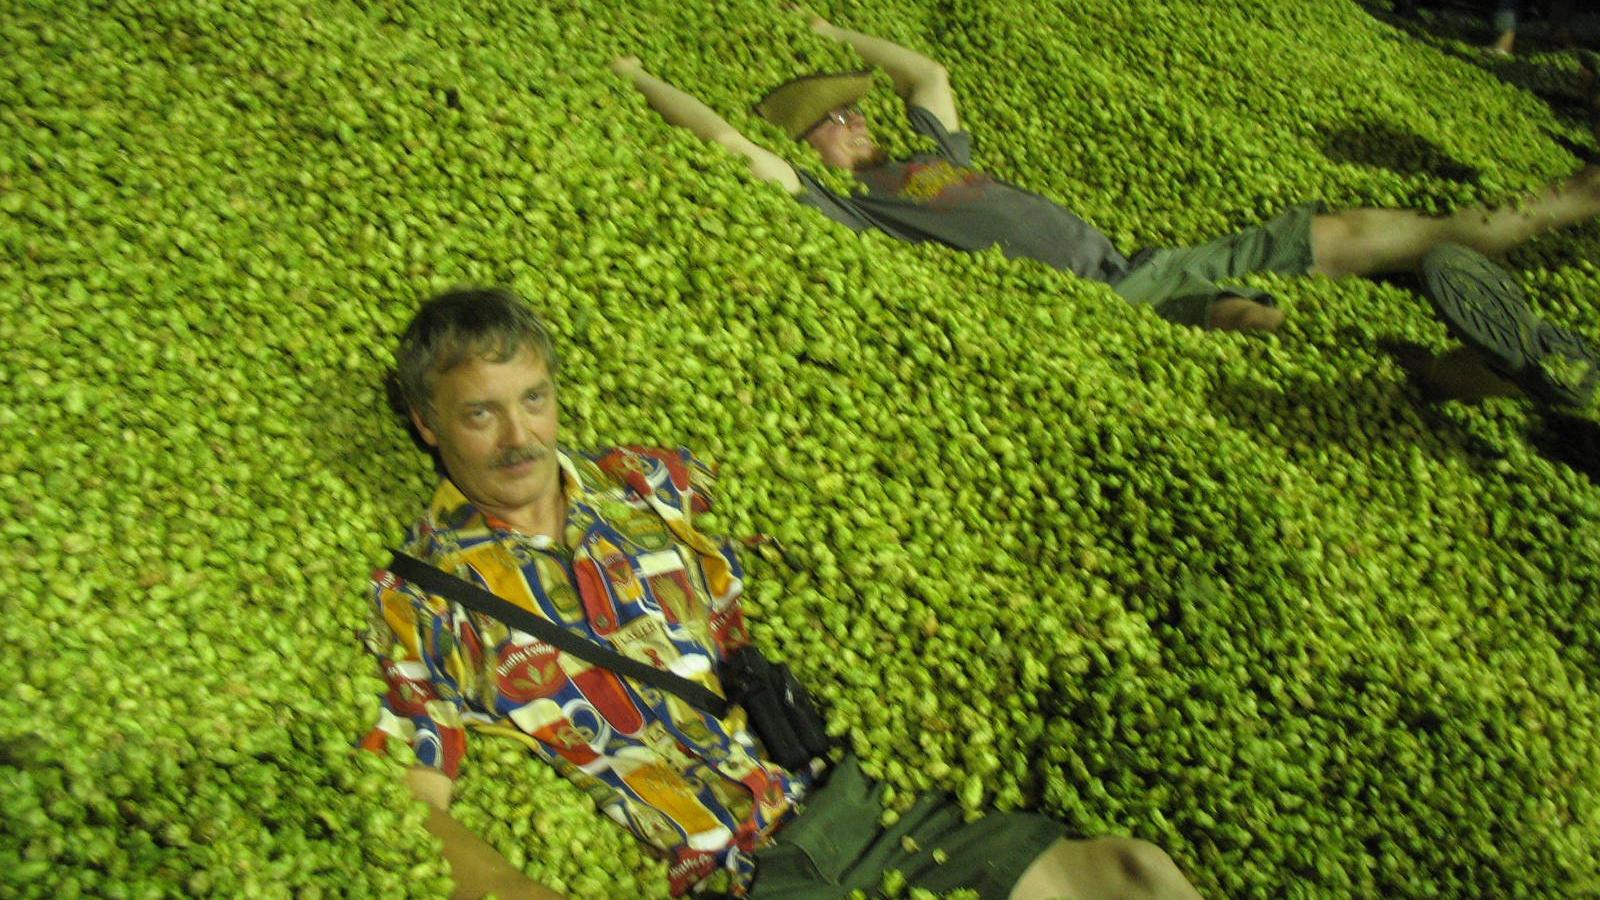 Download Hops Wallpaper Pictures 1600x1200 40 Beer Hops